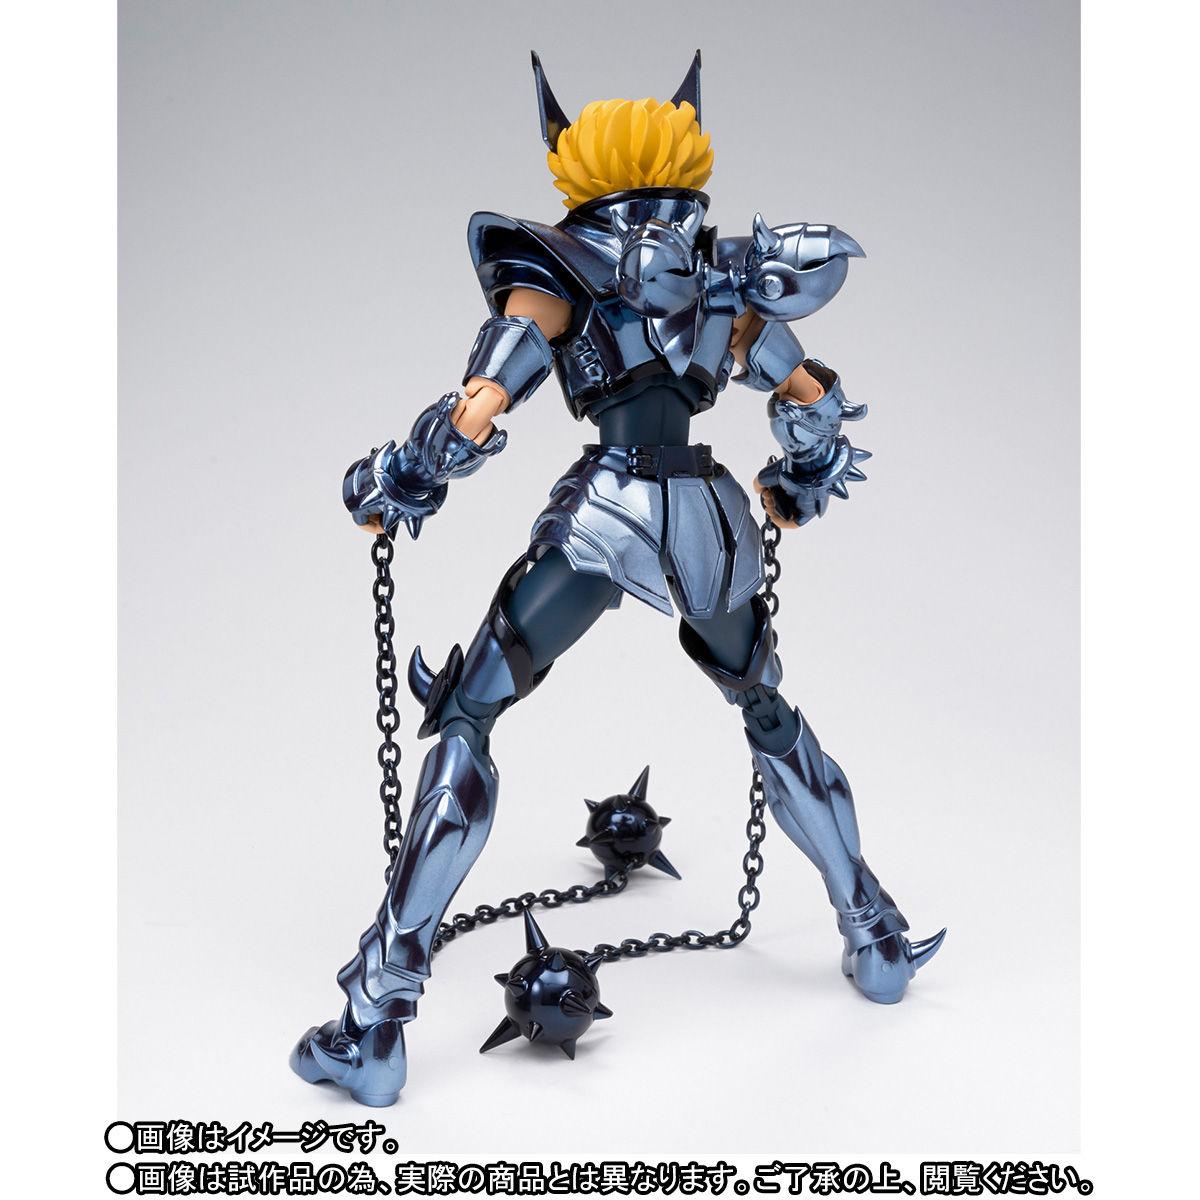 聖闘士聖衣神話 ケルベロス ダンテ-004